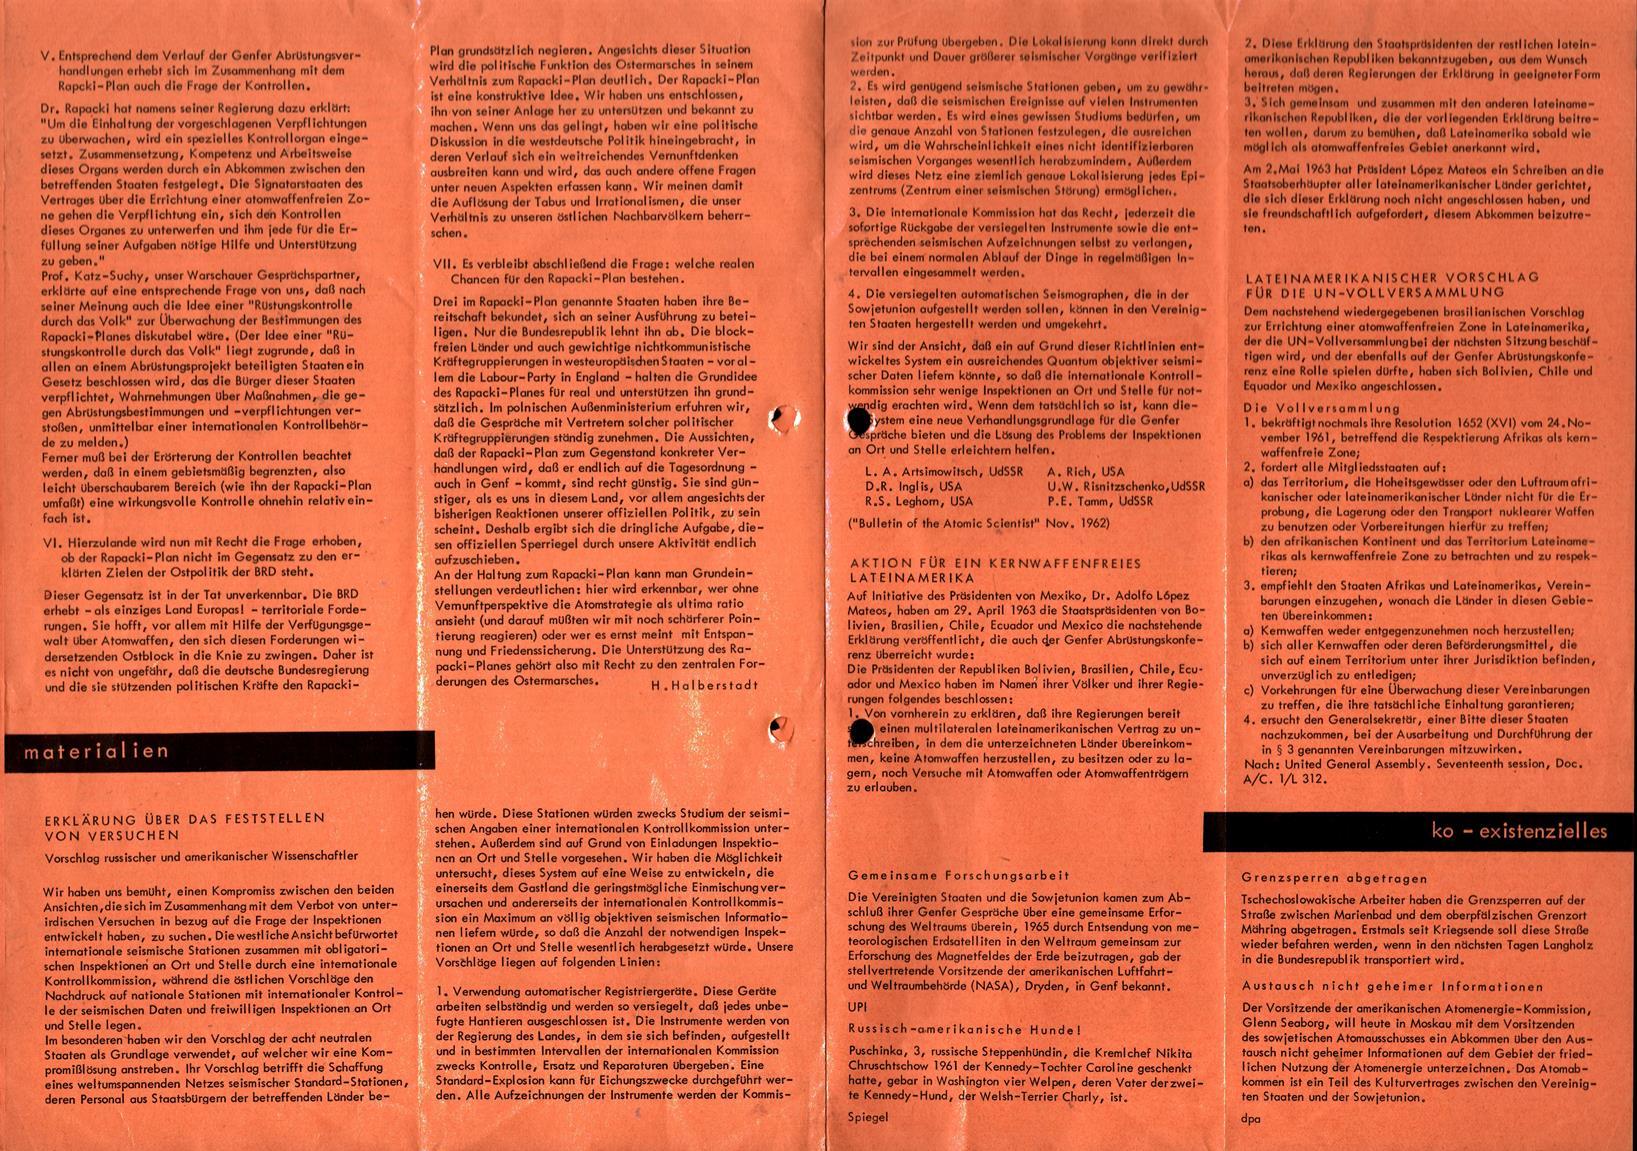 Infos_zur_Abruestung_1963_002_004